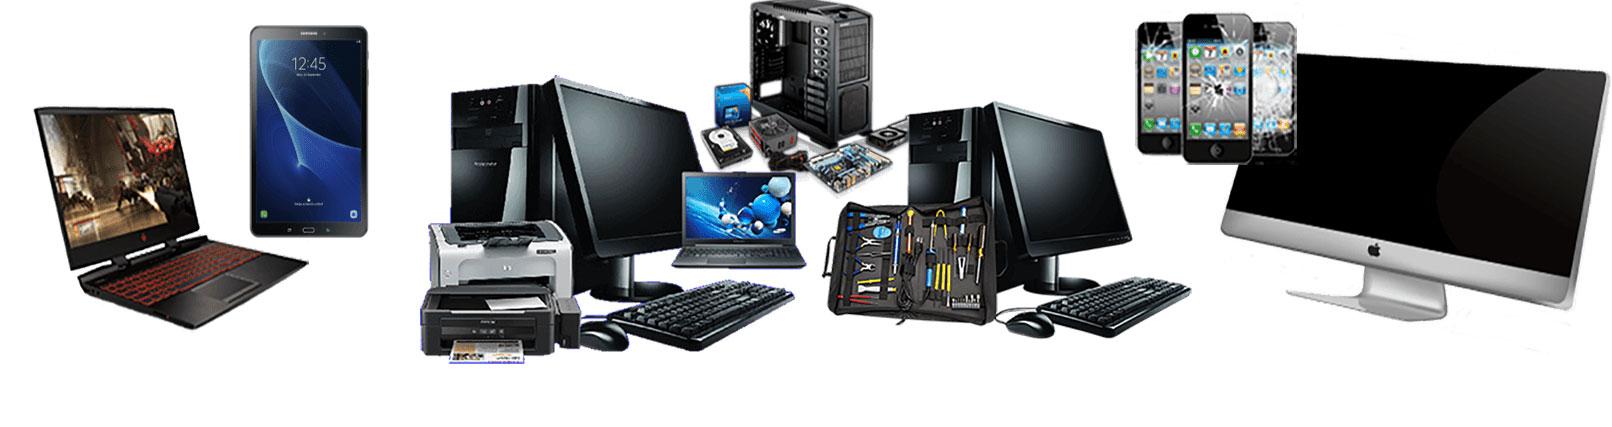 Réparation-informatique-Menton